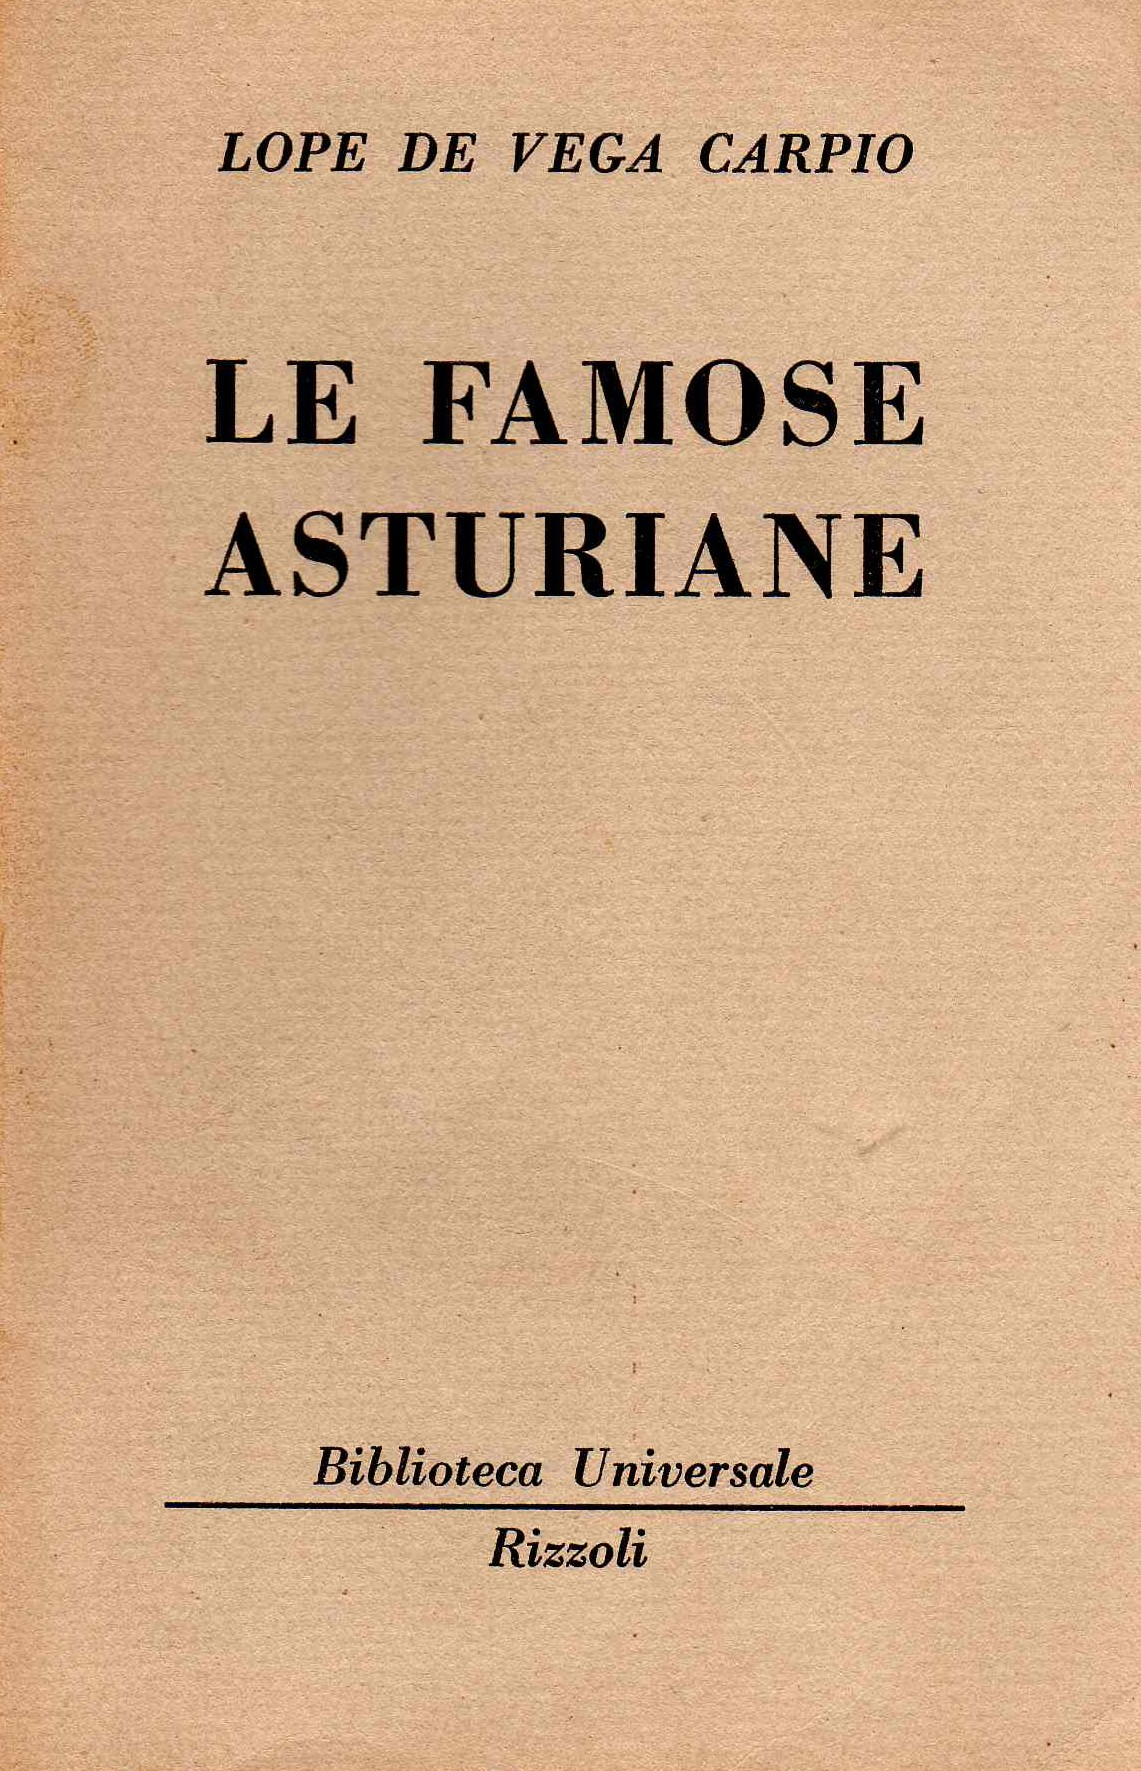 Le famose asturiane